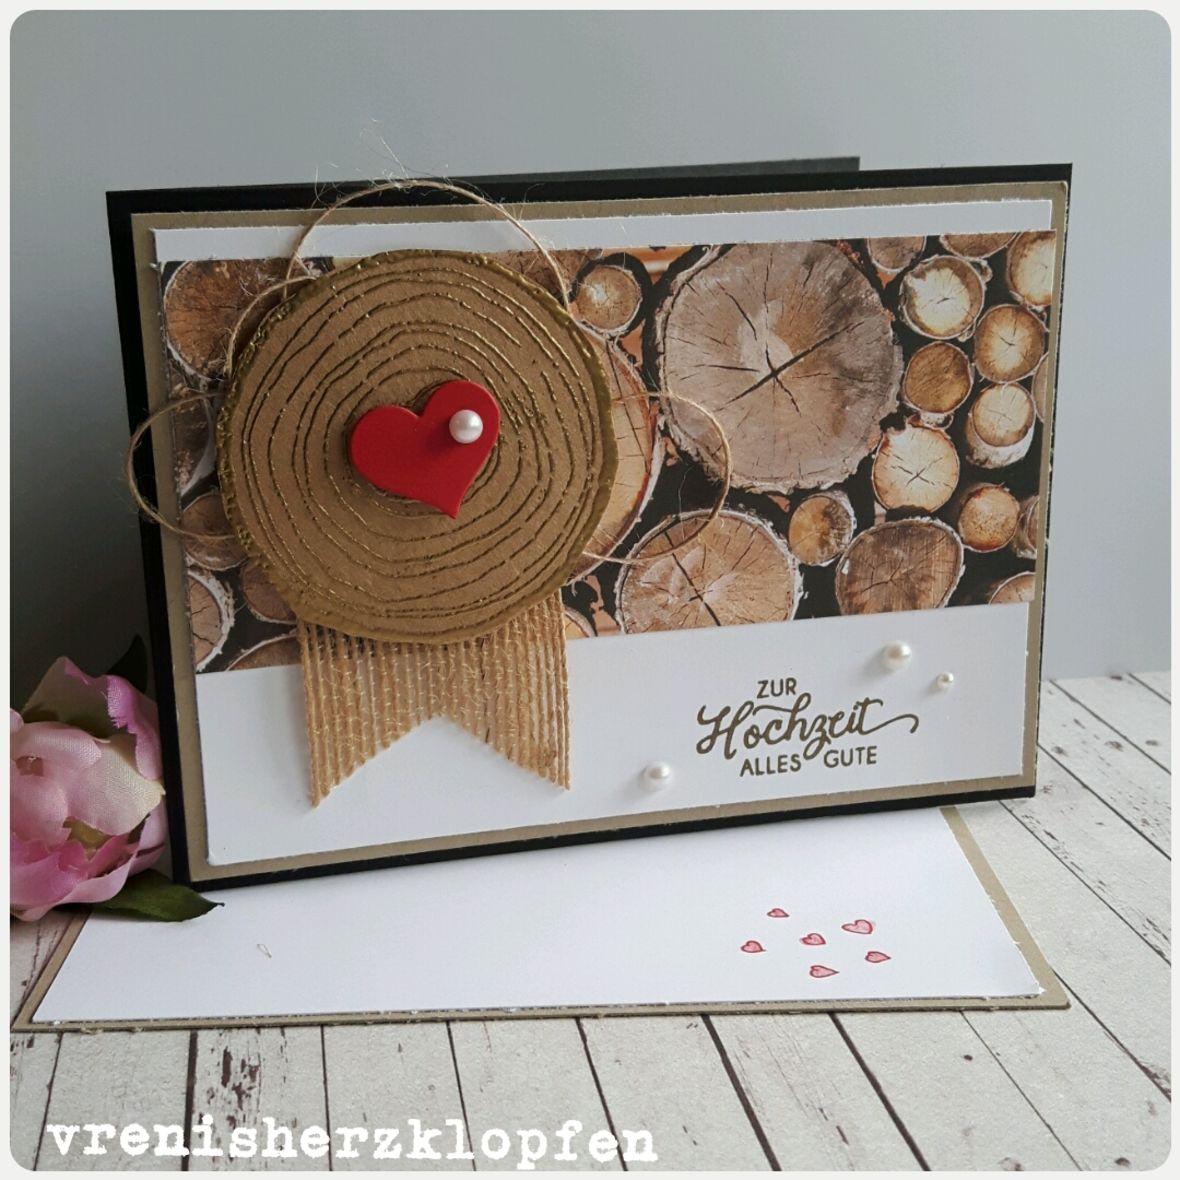 Hochzeitskarte Holz